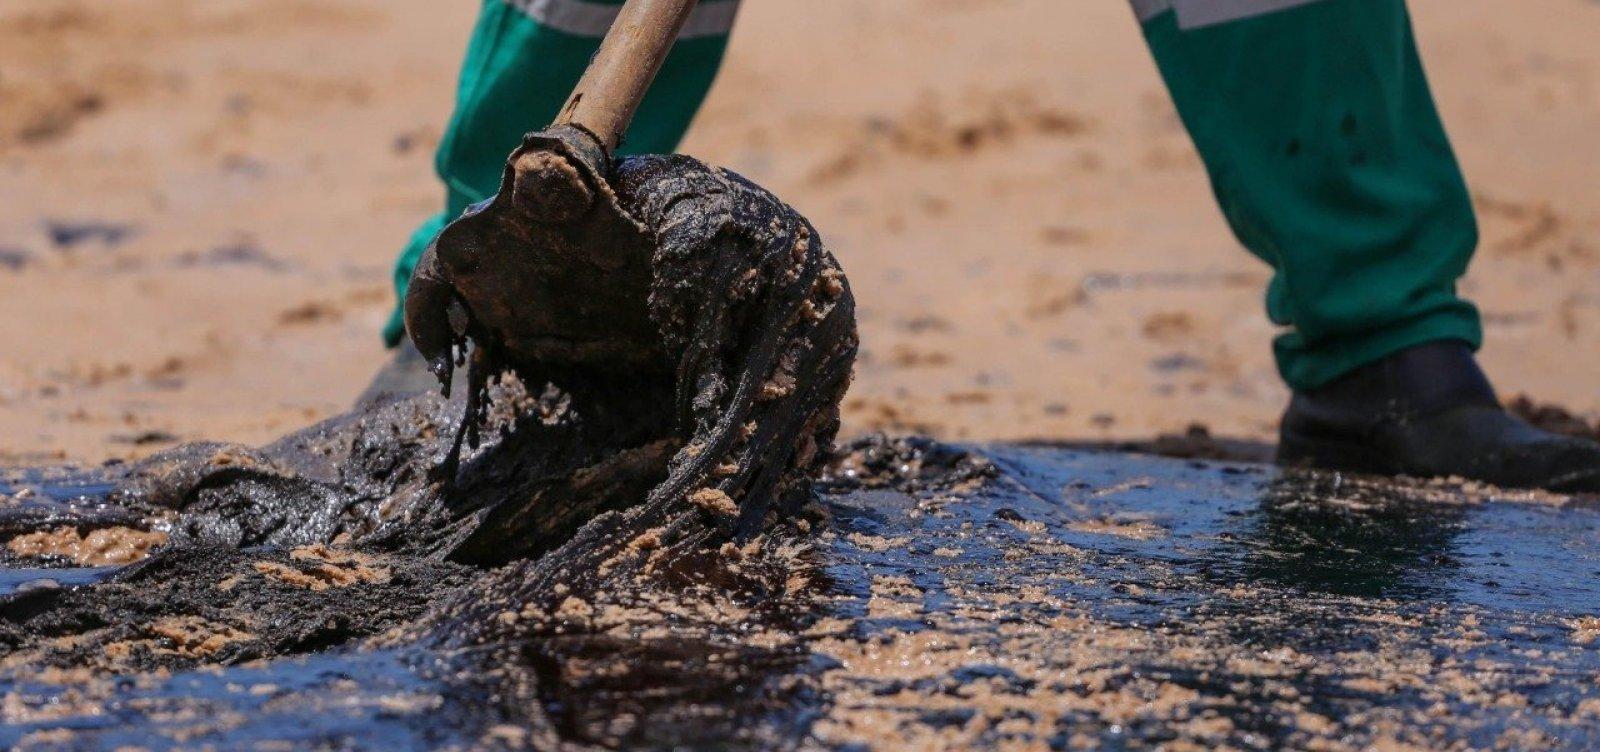 Suspeita do vazamento de óleo, Delta Tankers diz respeitar meio ambiente